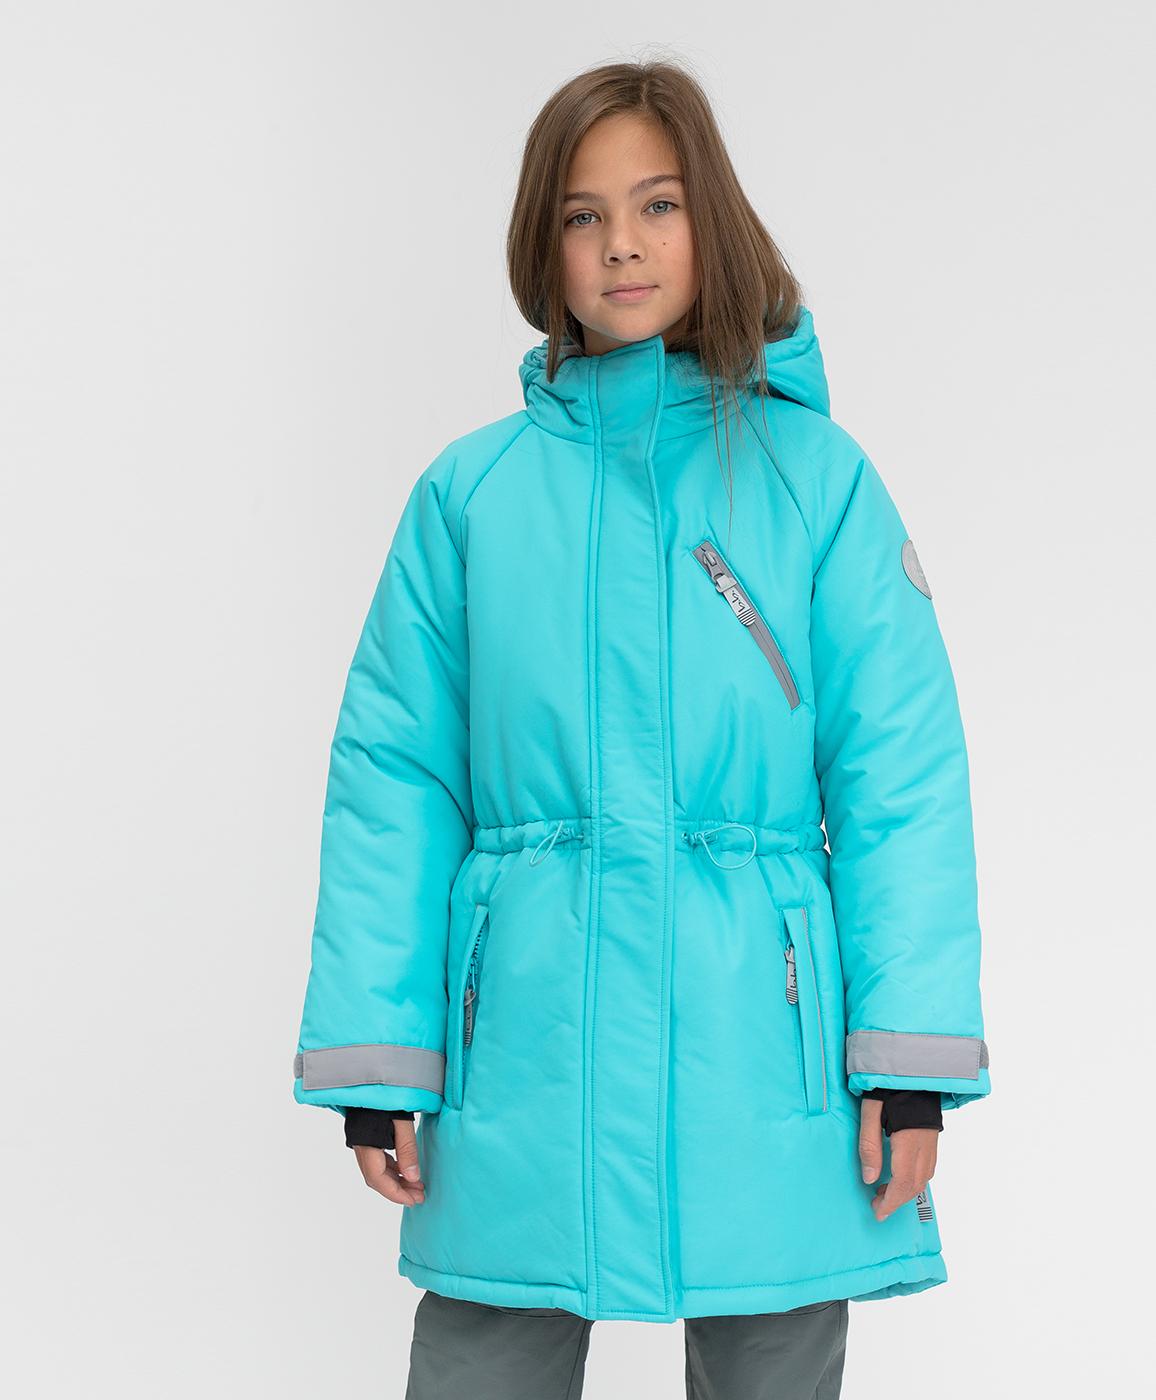 Купить 220BBGA45021800, Зимнее пальто Active Button Blue, голубой, 140, Мембрана, Женский, Зима, ОСЕНЬ/ЗИМА 2020-2021 (shop: GulliverMarket Gulliver Market)